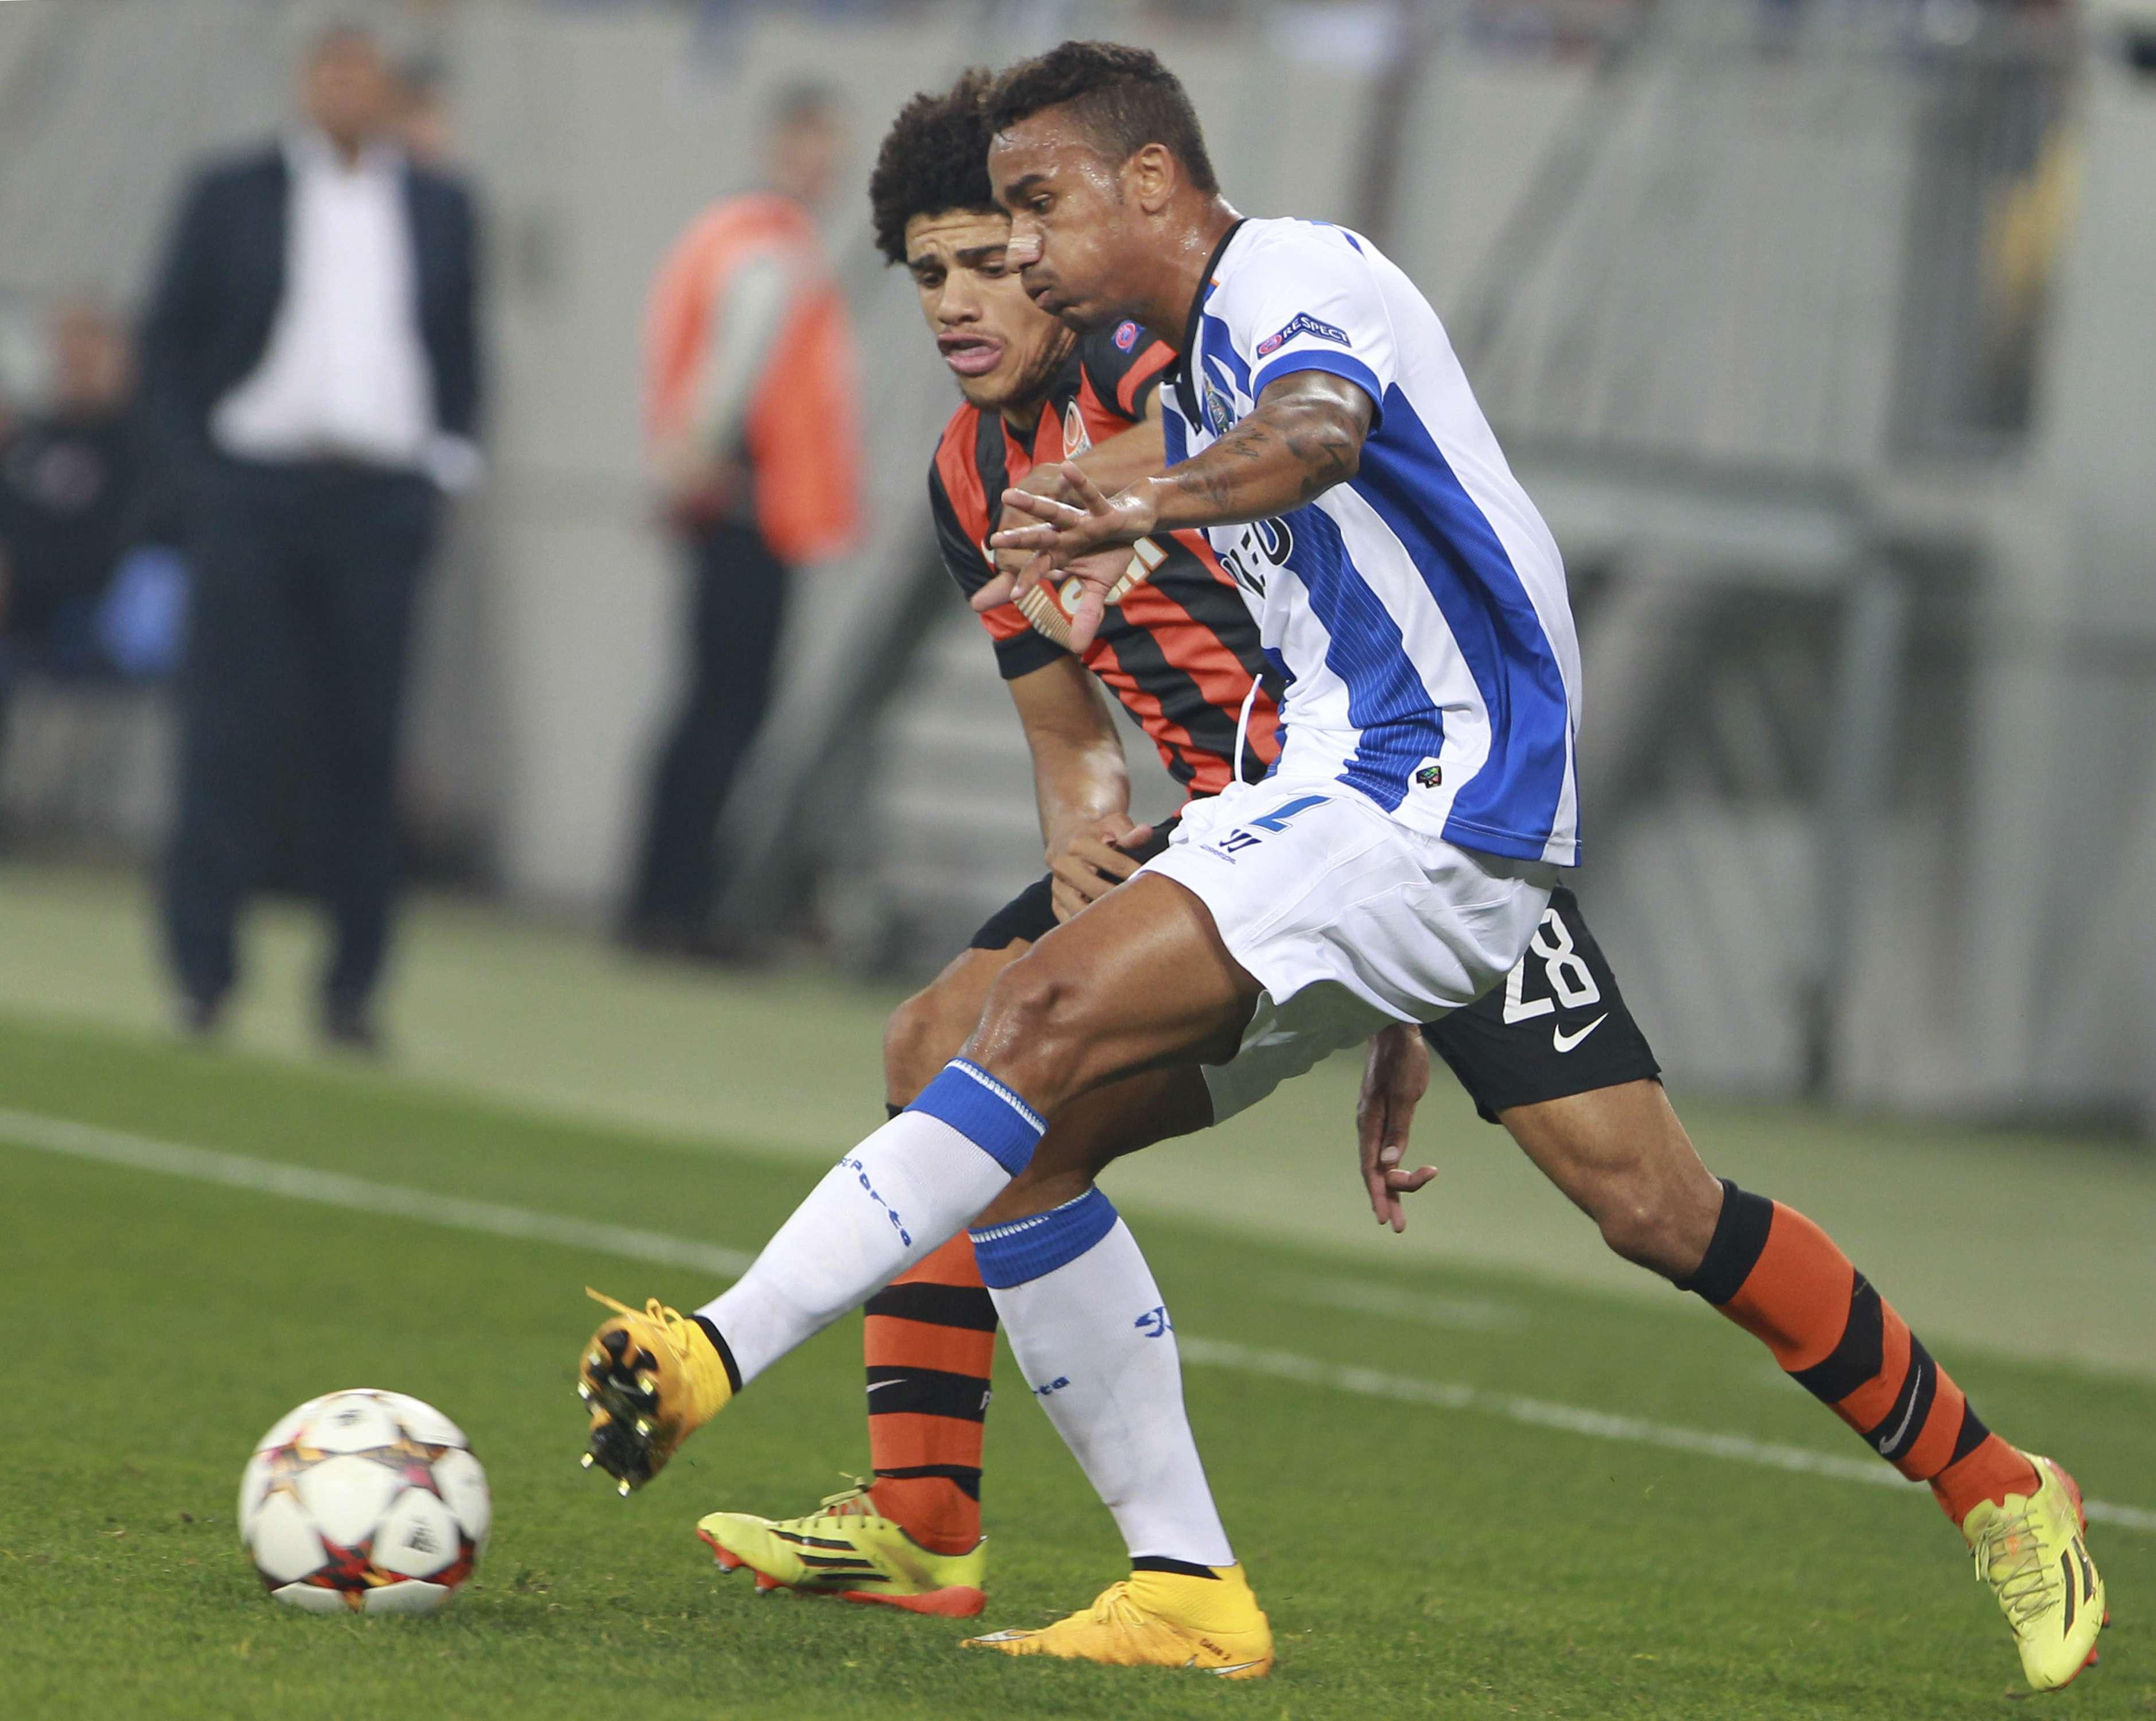 Porto Foto: AP